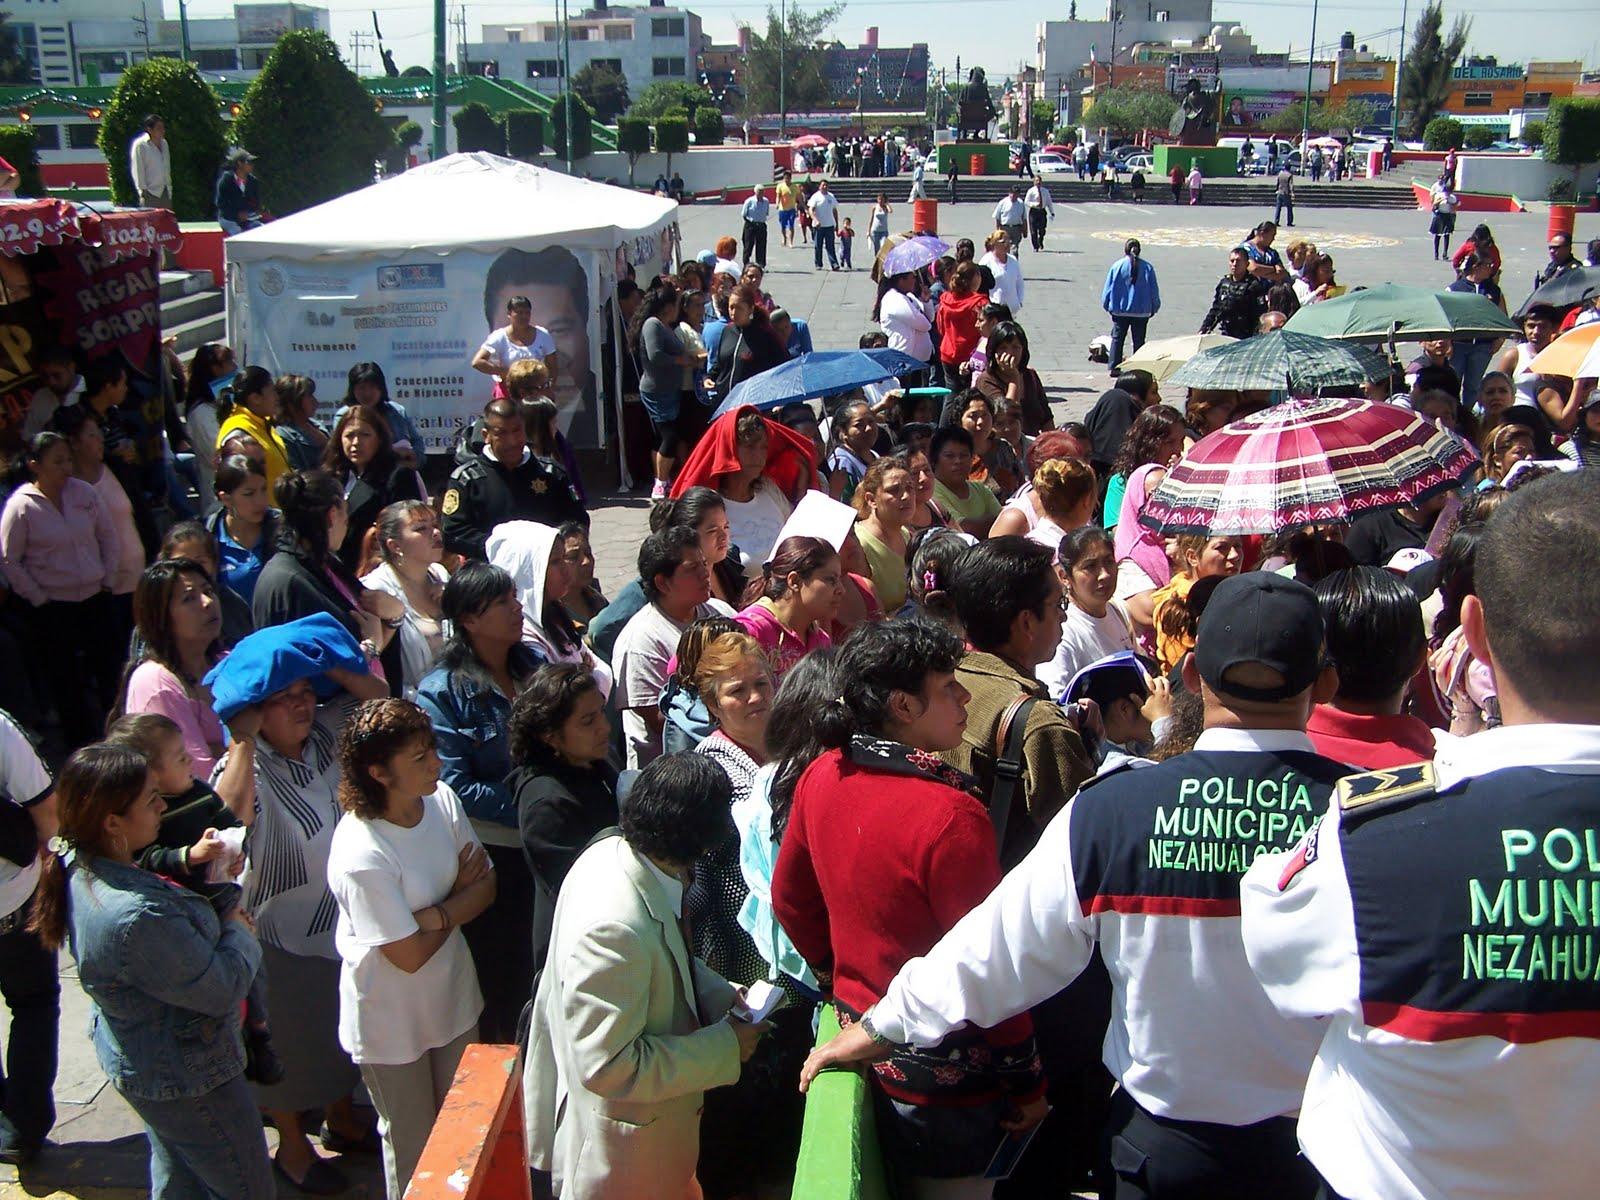 Mujeres solteras nezahualcoyotl travestis em Juiz de Fora-61588